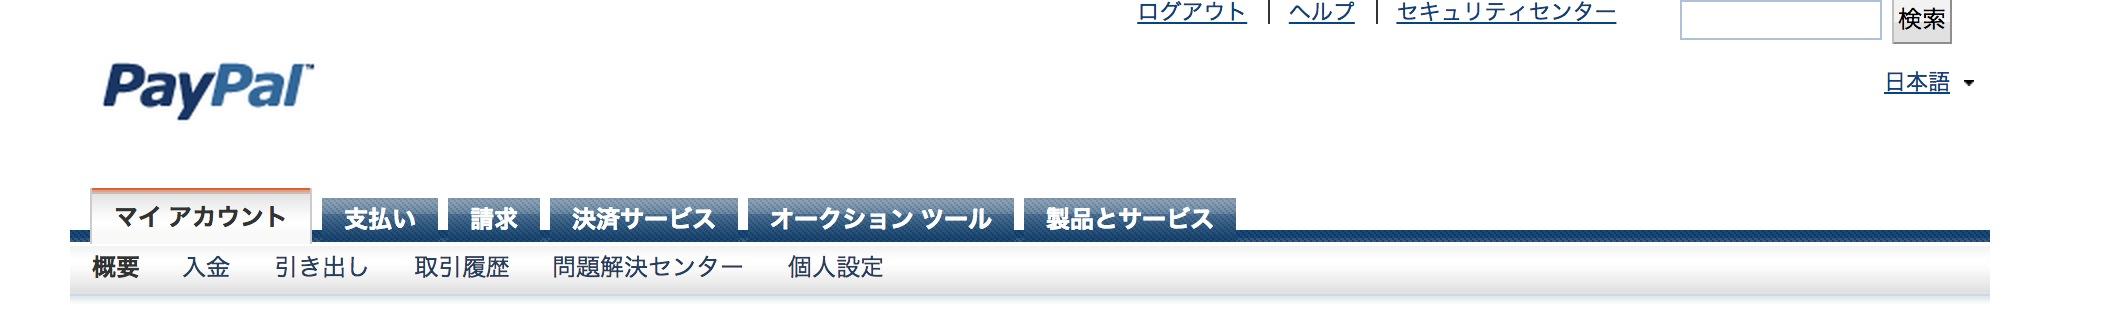 スクリーンショット 2013-10-17 16.49.03